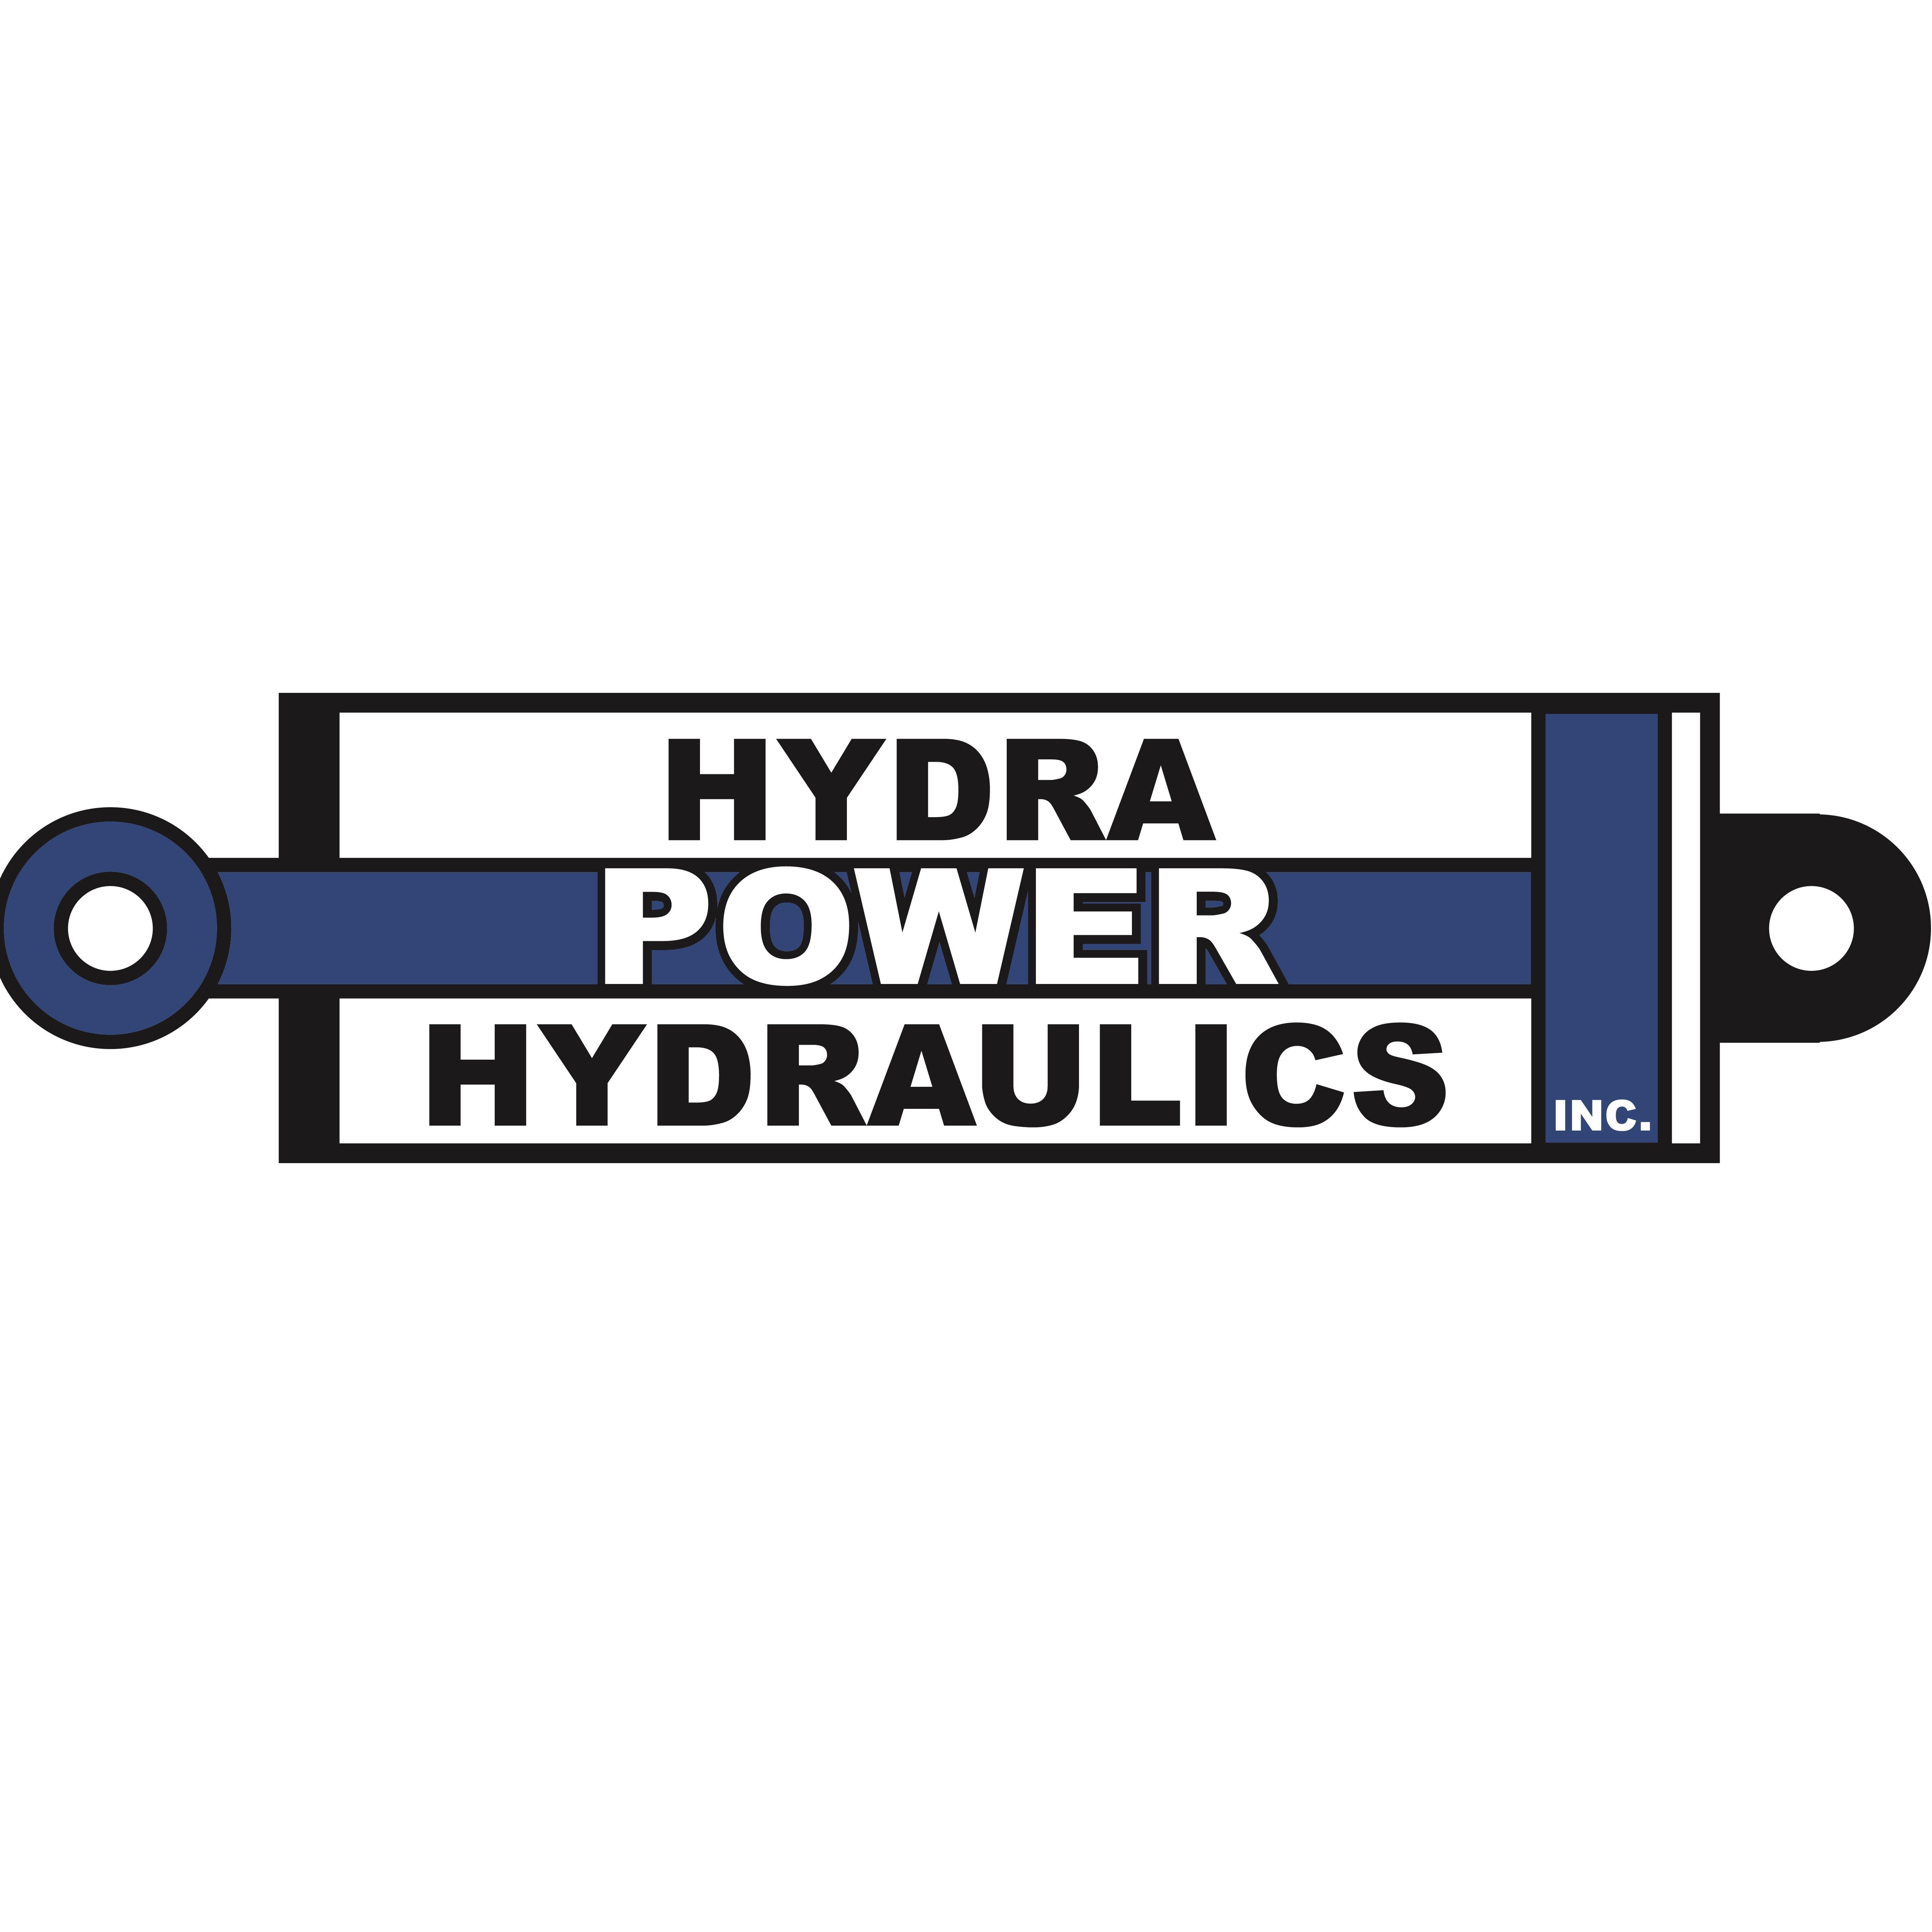 Hydra Power Hydraulics, Inc.